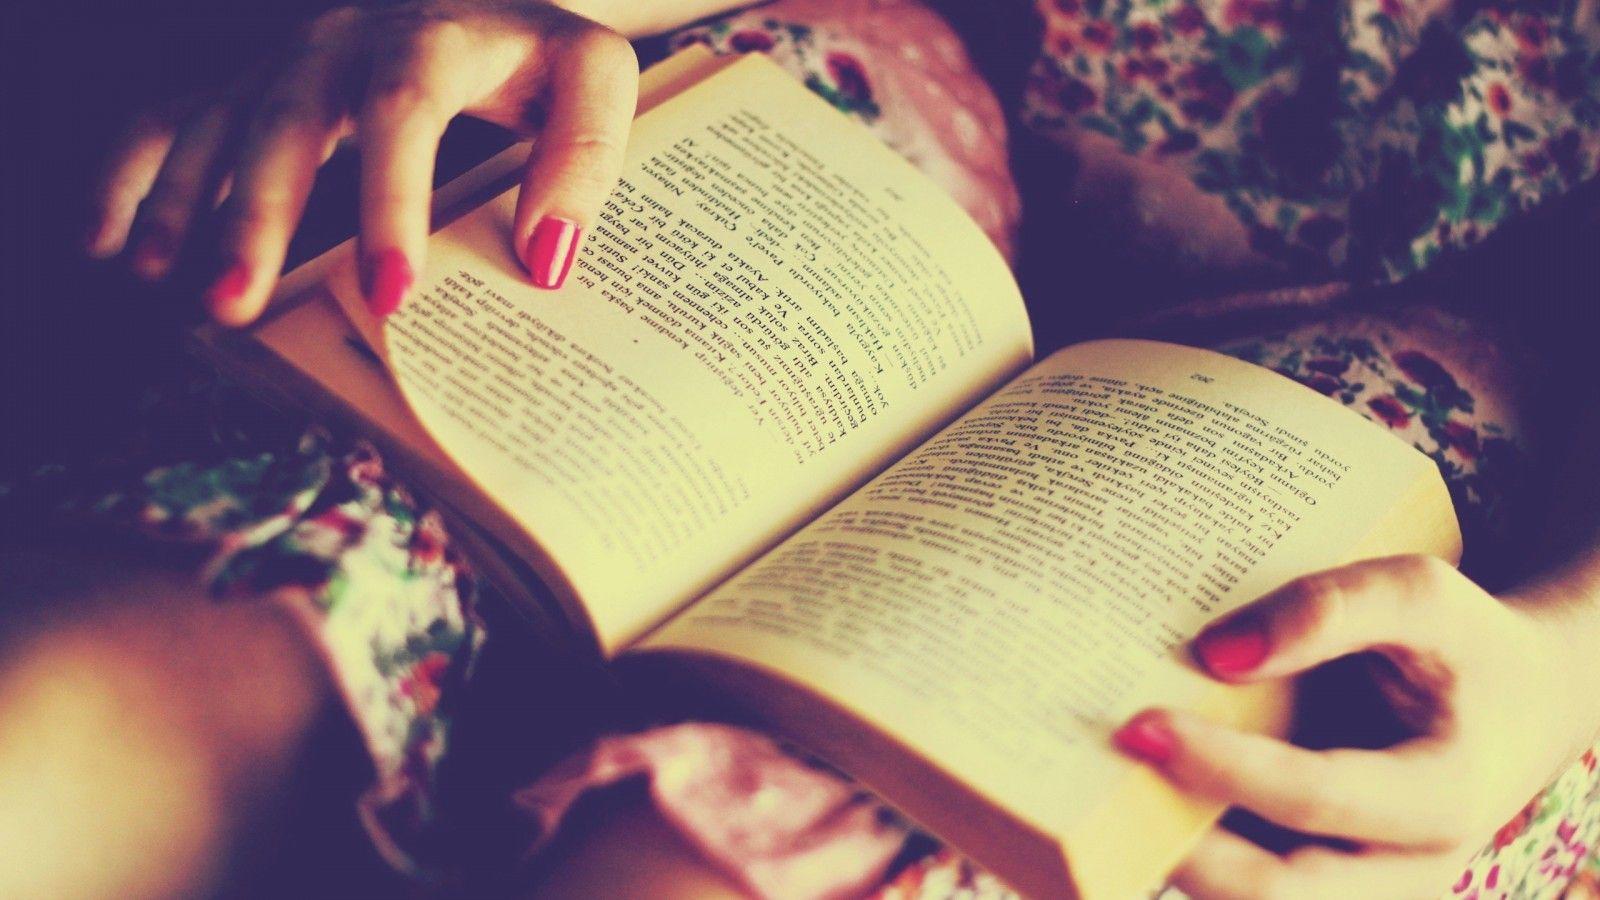 Lectura rápida para ganar tiempo.